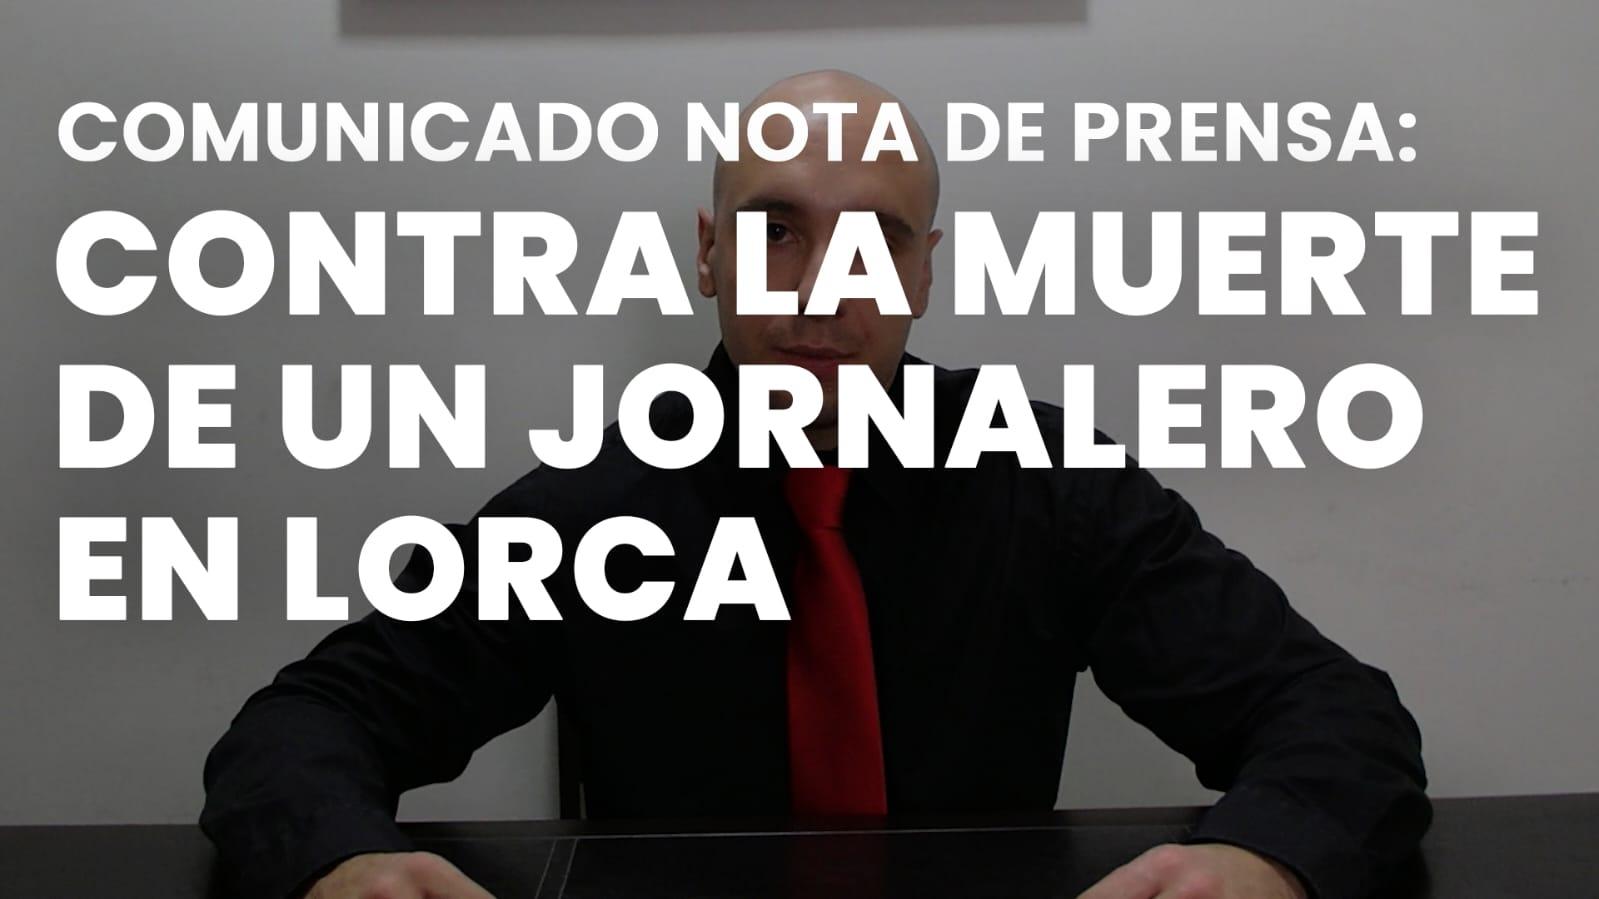 Comunicado De Prensa: Contra La Muerte De Un Jornalero En Lorca